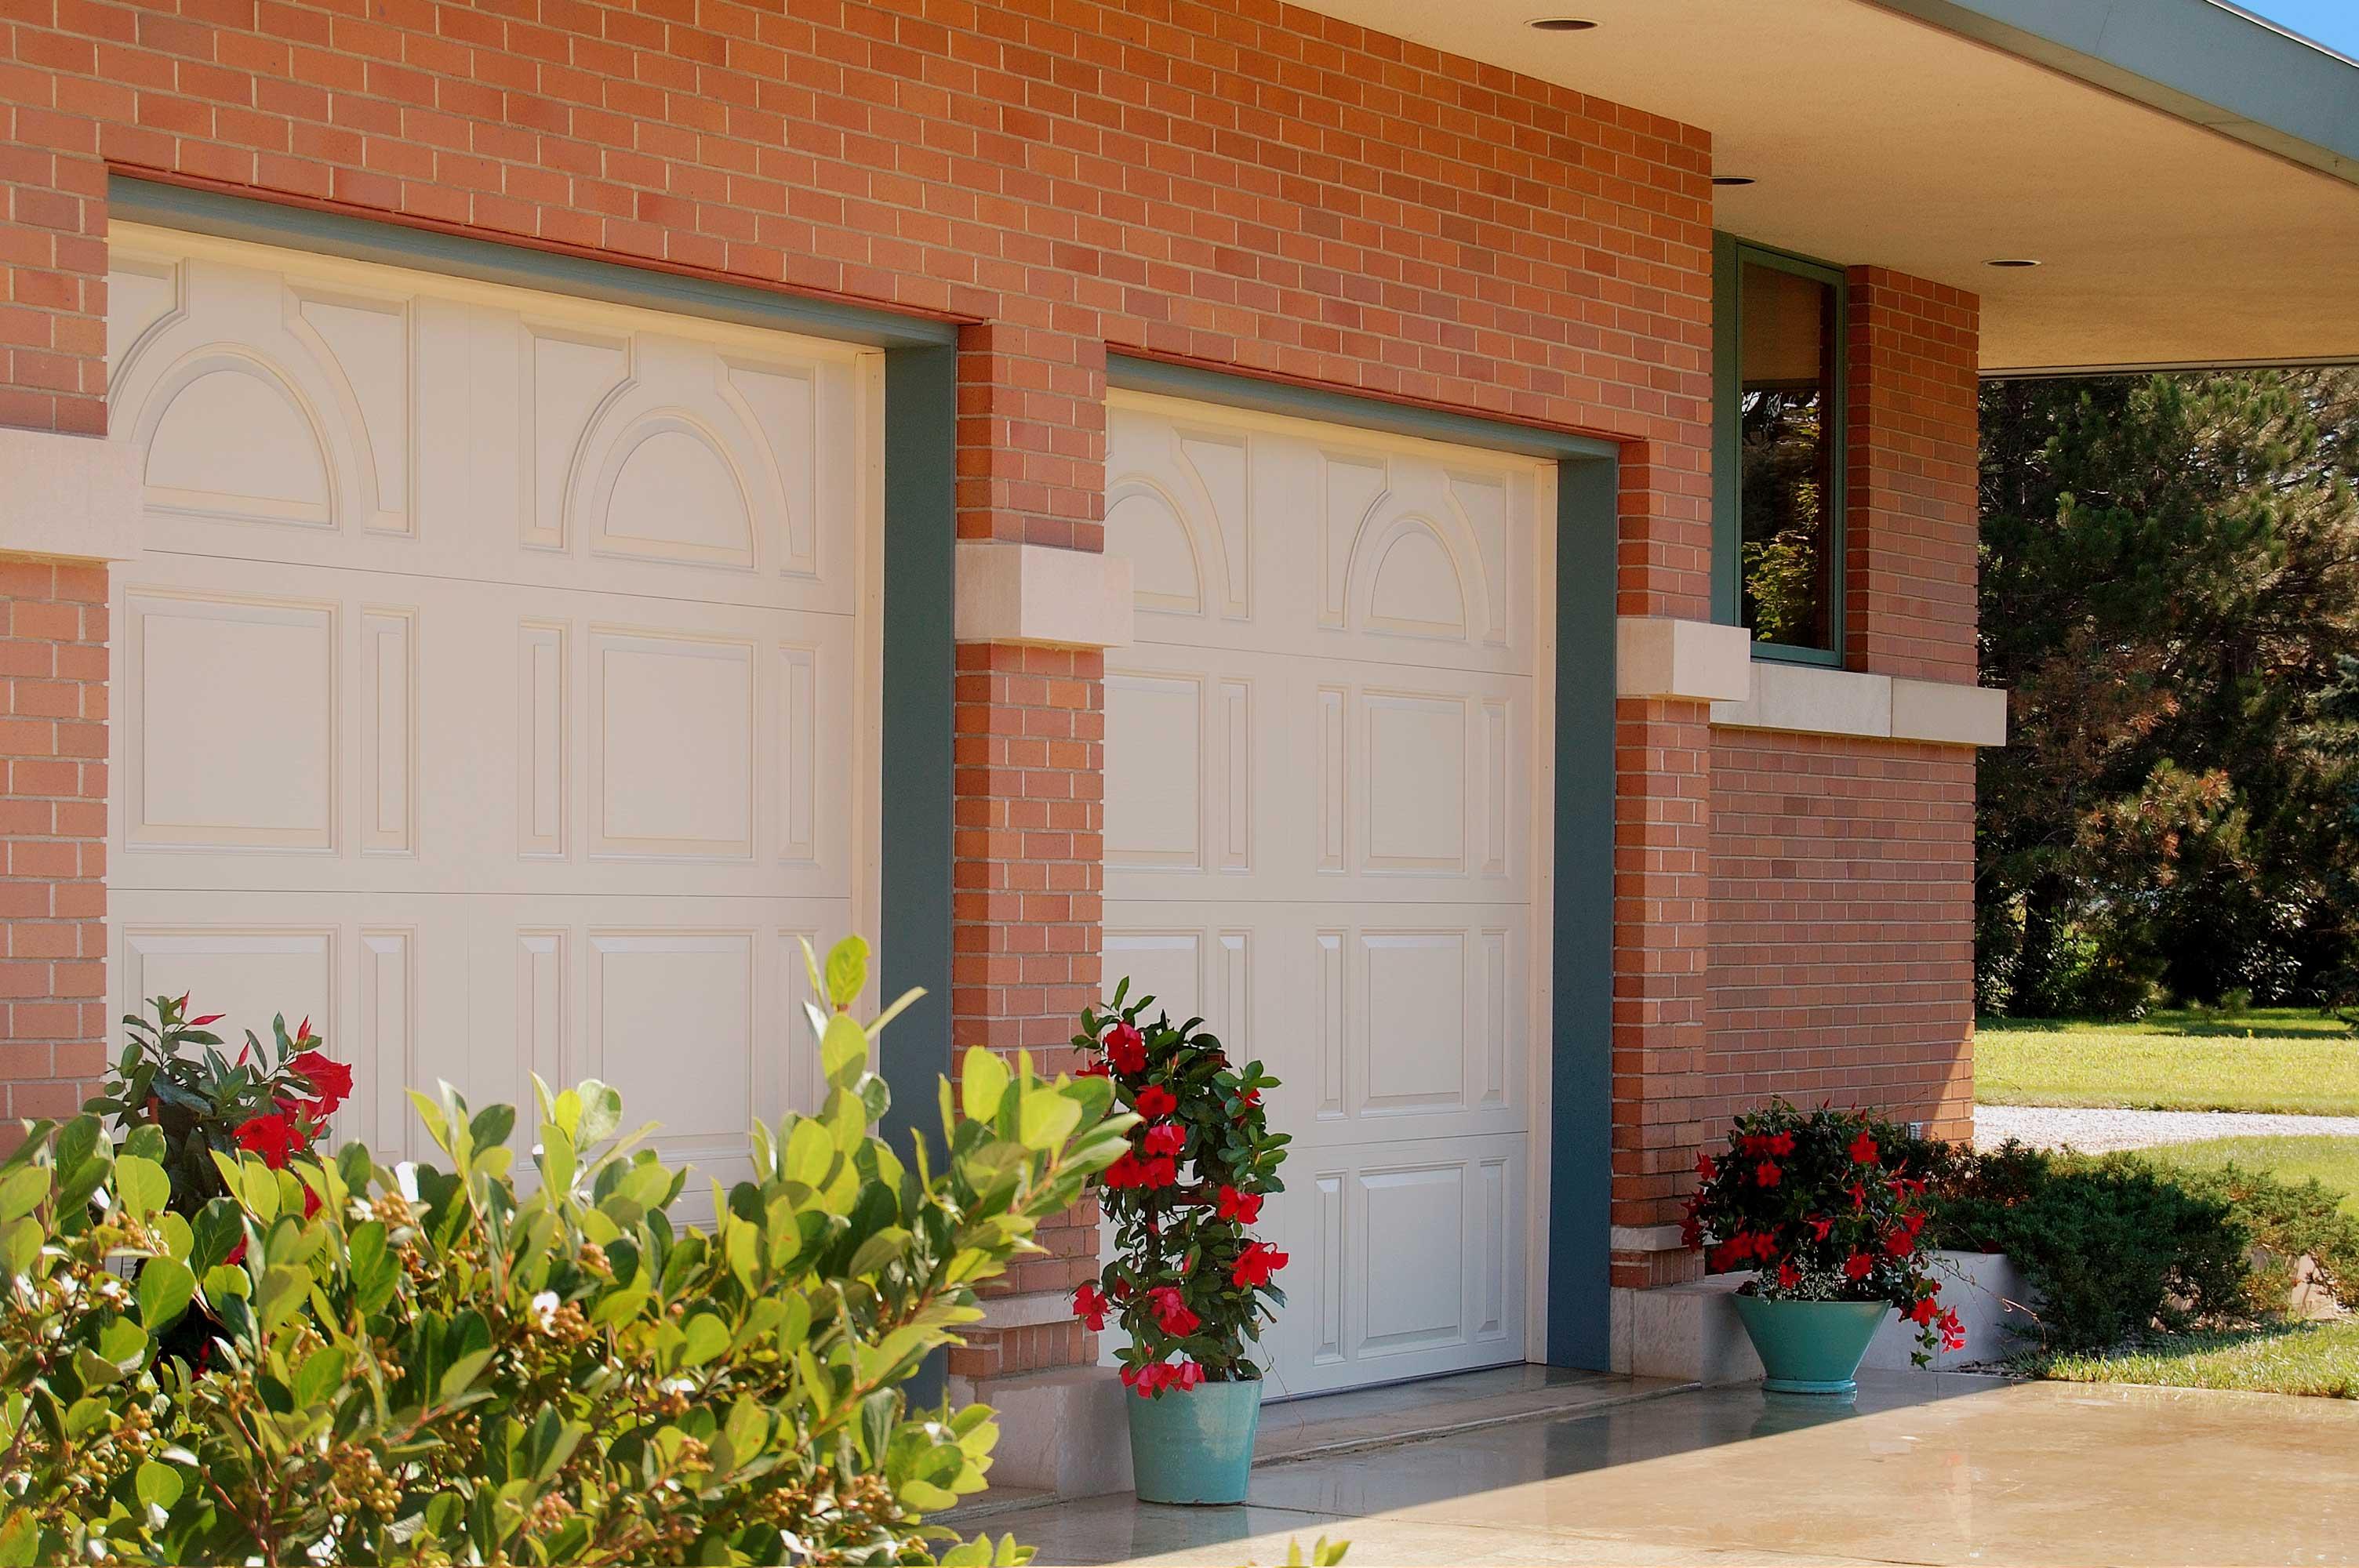 raised panel fiberglass - Raised Panel Home 2015